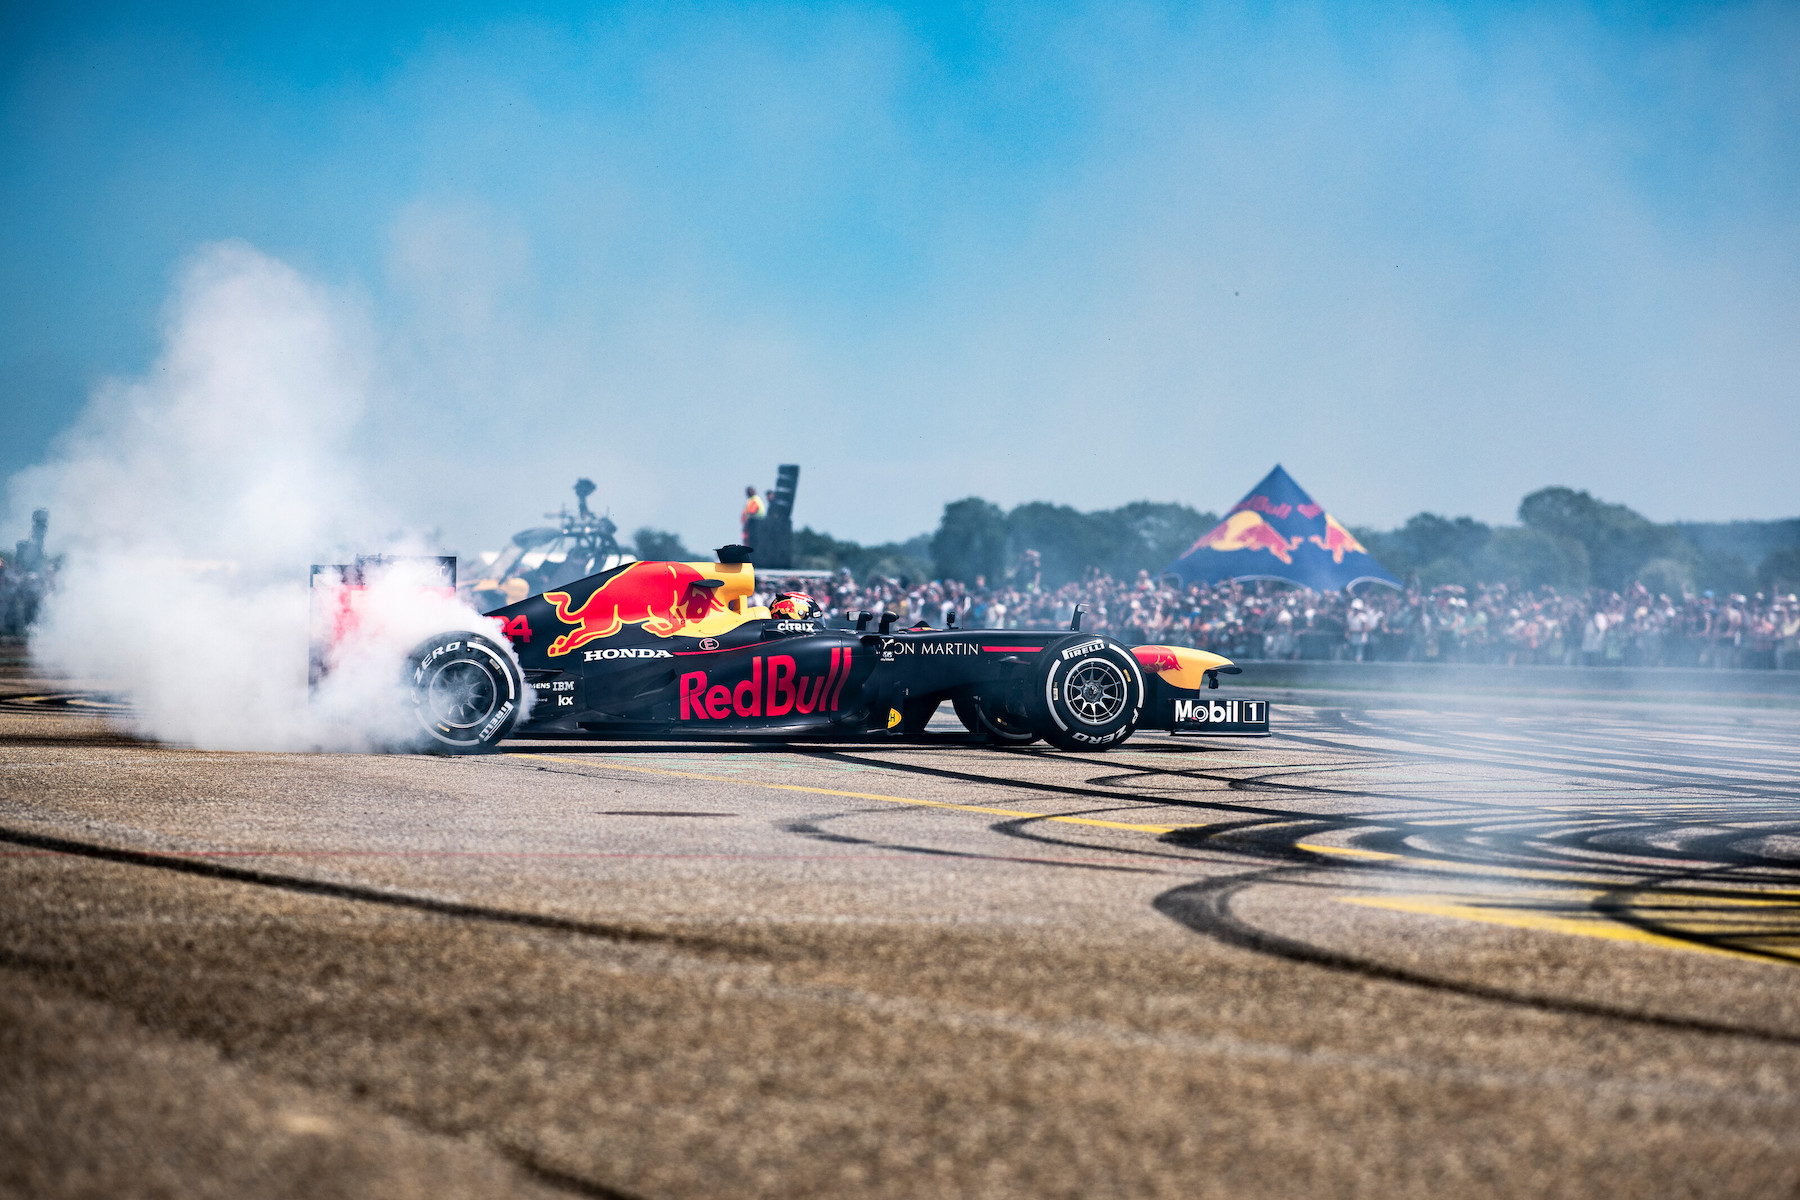 2019 Red Bull at Switzerland 18.jpg